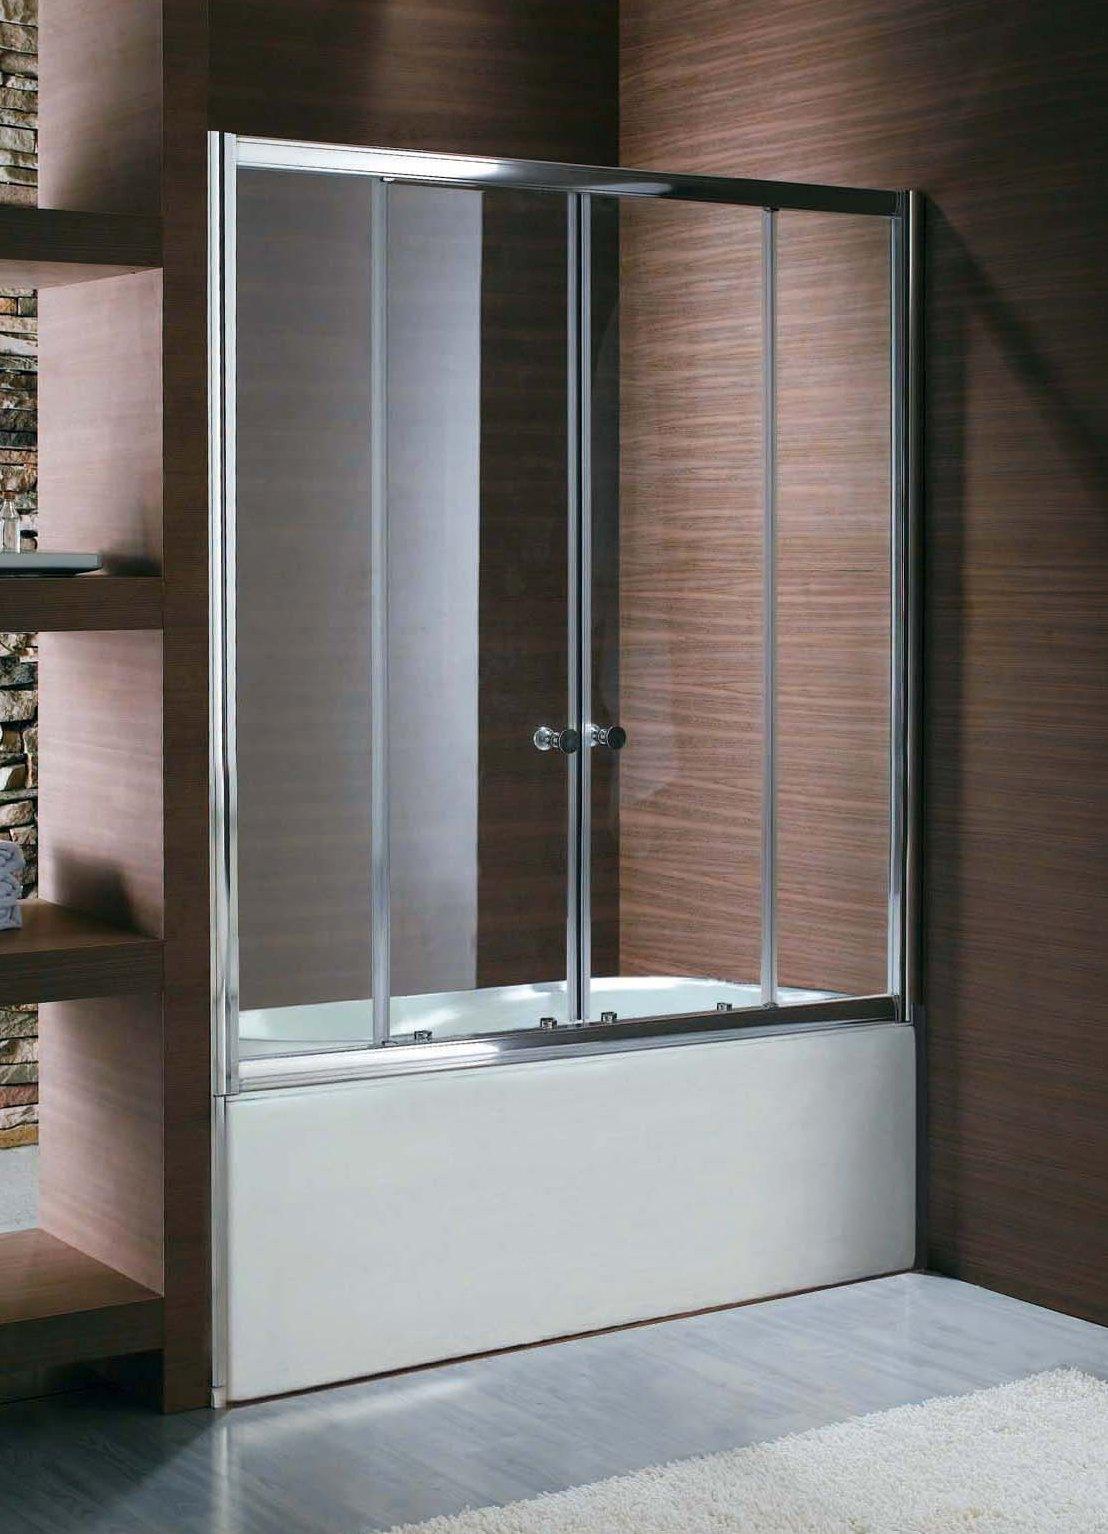 сельское лесное стеклянные шторы для душа фото лестнице музей певица